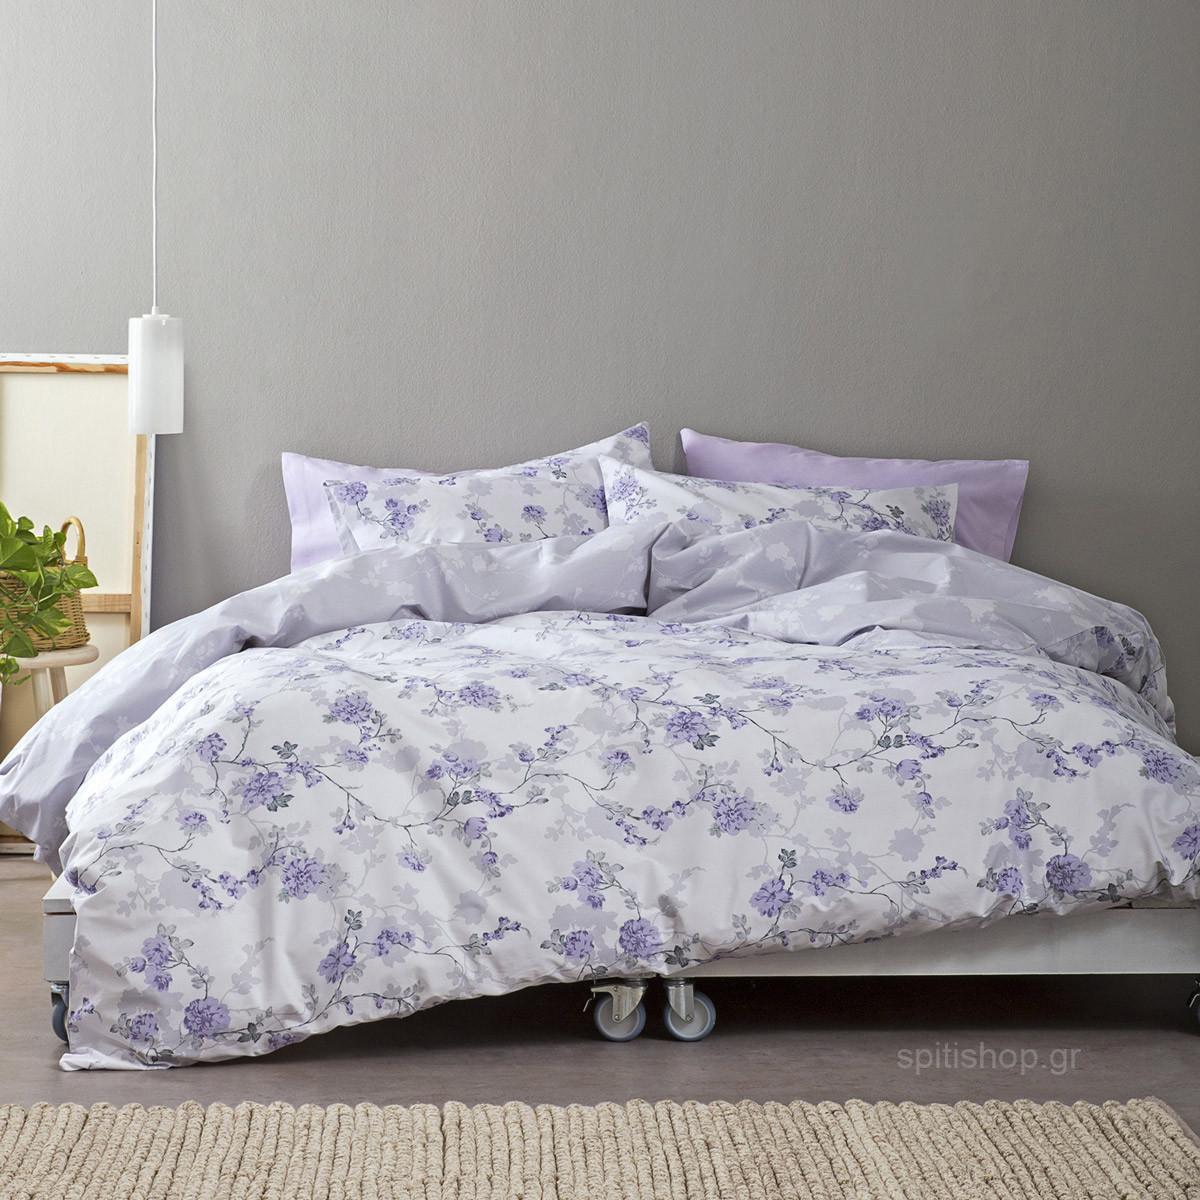 Σεντόνια Διπλά (Σετ) Nima Bed Linen Peonia Lilac